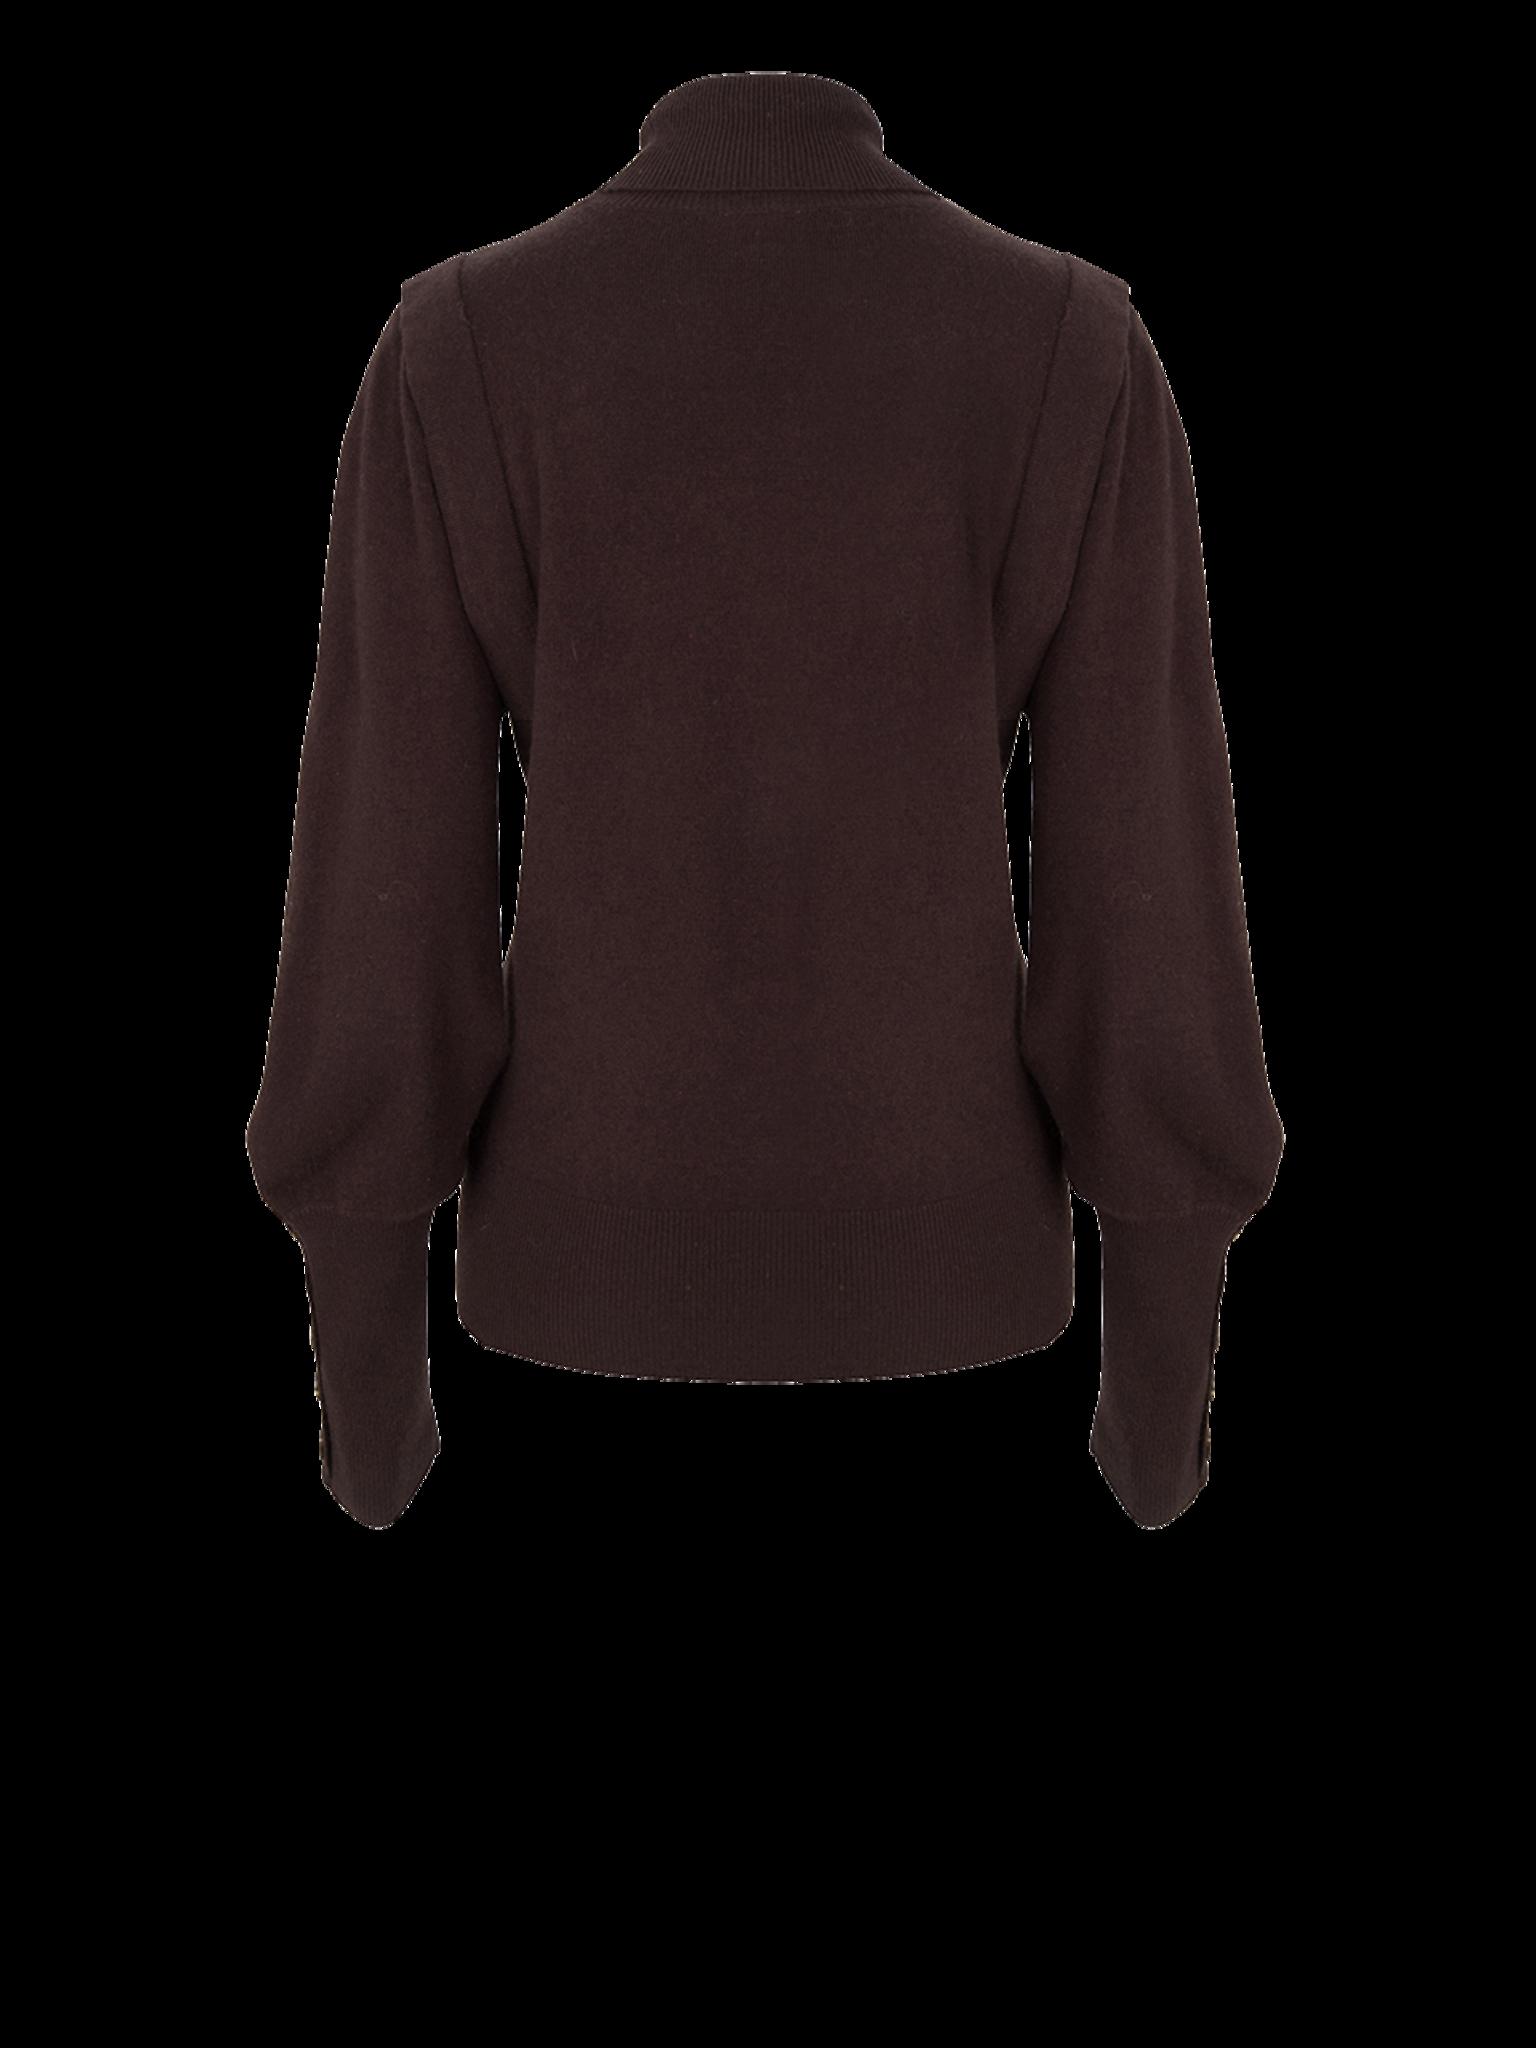 Dante 6 sweater 204407 QUENTIN-2